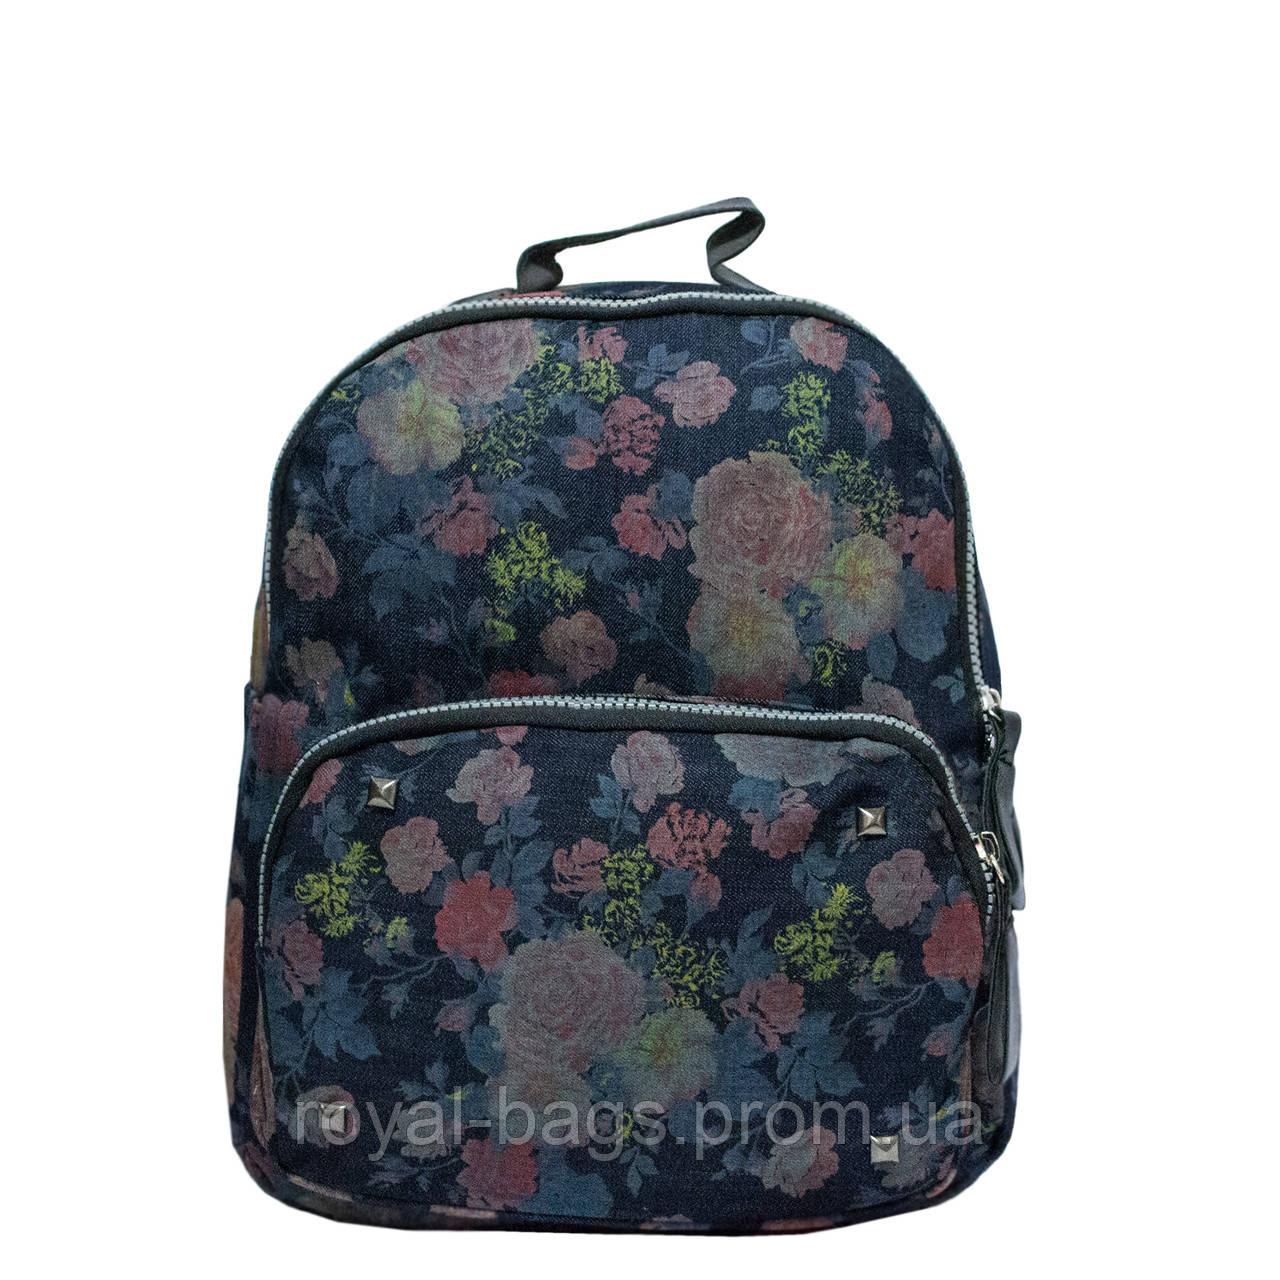 Джинсовый рюкзак с цветочным принтом 5 Рисунков (Коричневые цветы)